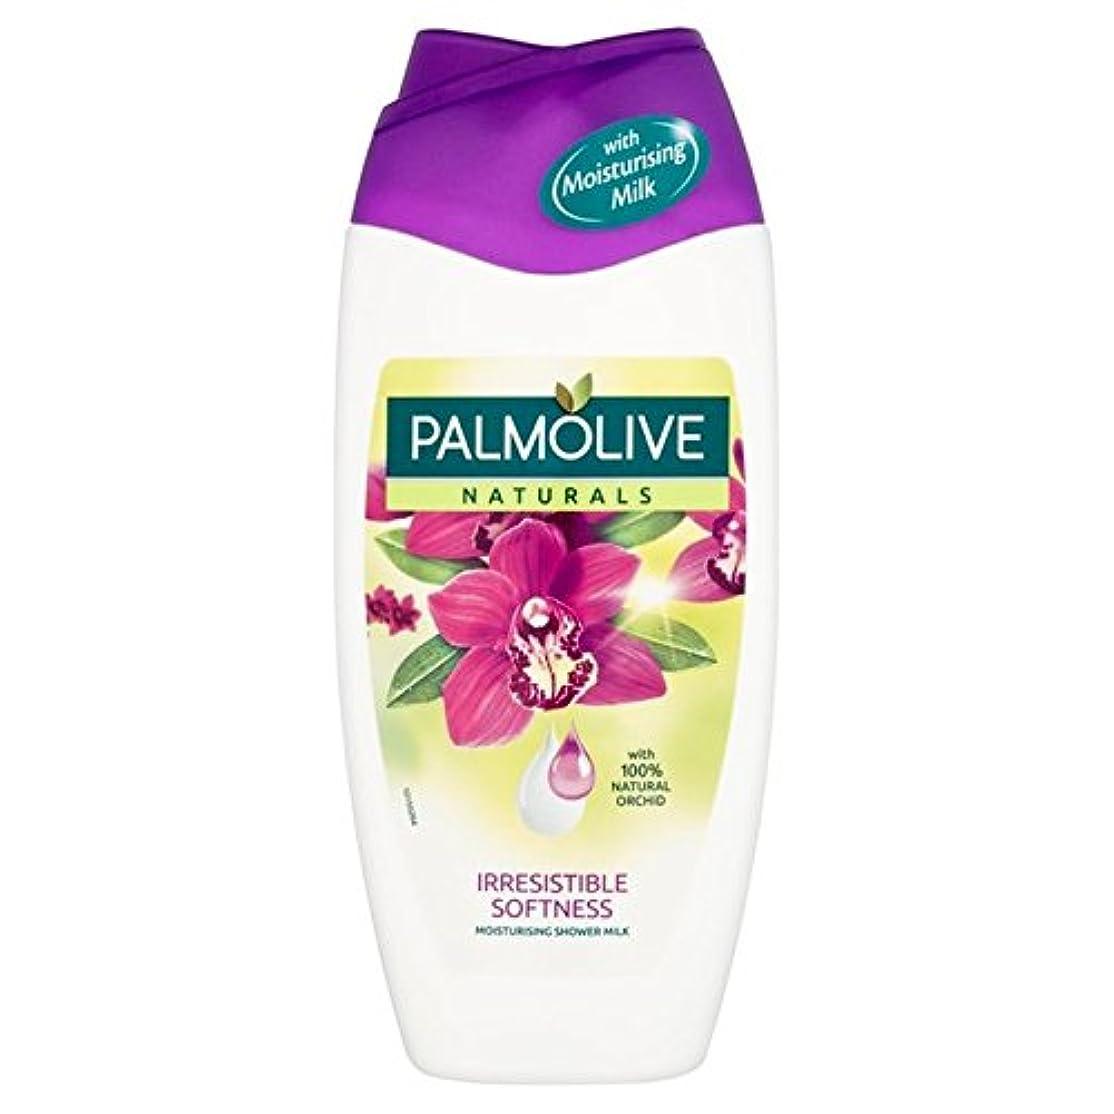 邪魔する報復する悪性Palmolive Naturals Shower Black Orchid 250ml - パルモナチュラルシャワー黒蘭の250ミリリットル [並行輸入品]